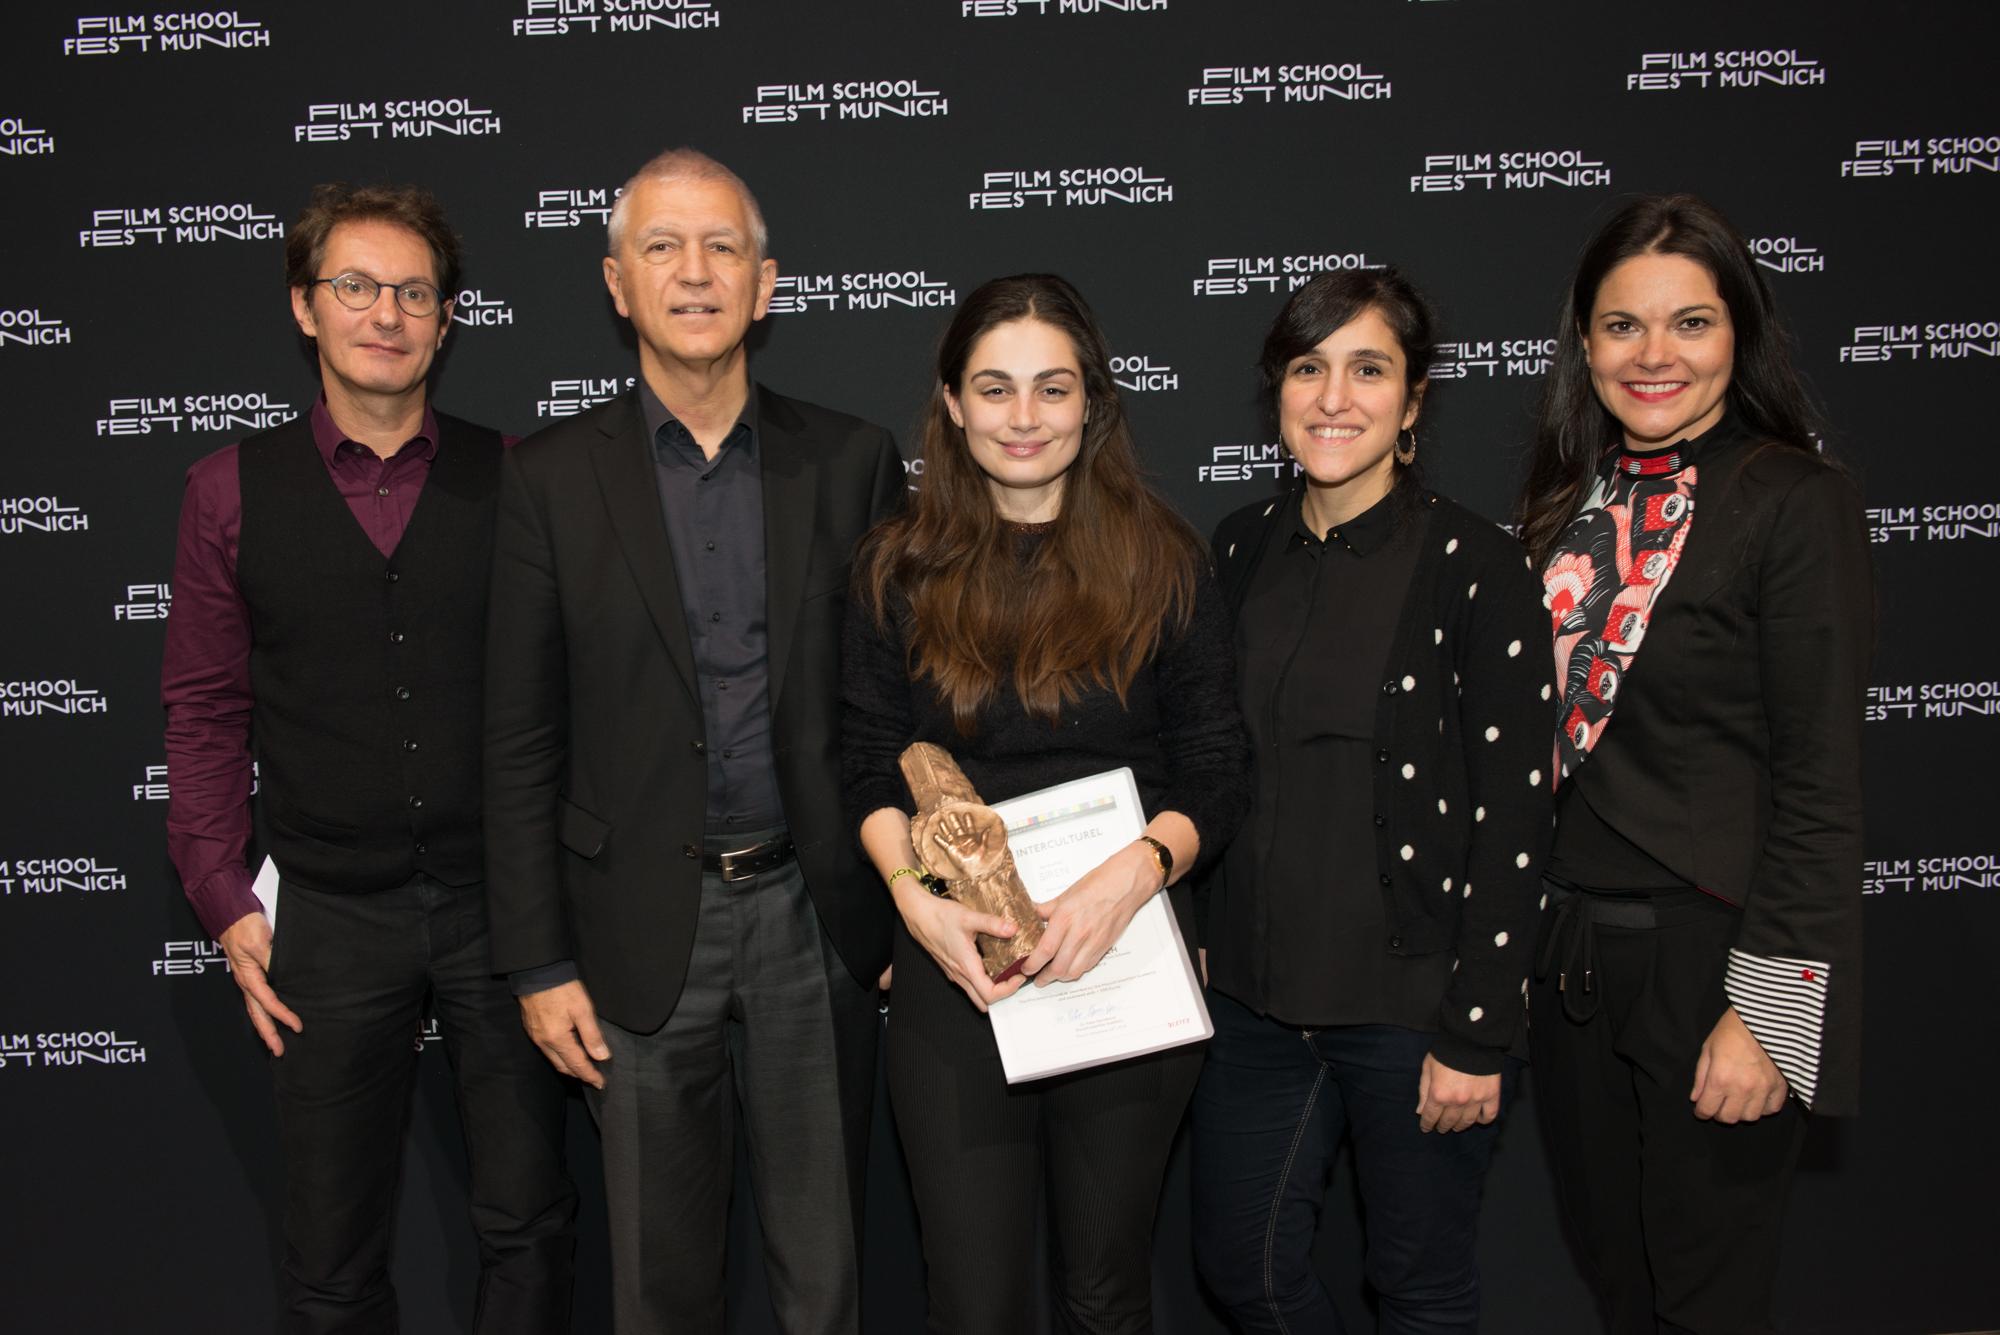 Internationales Festival der Filmhochschulen München 2018 - Preisverleihung 7